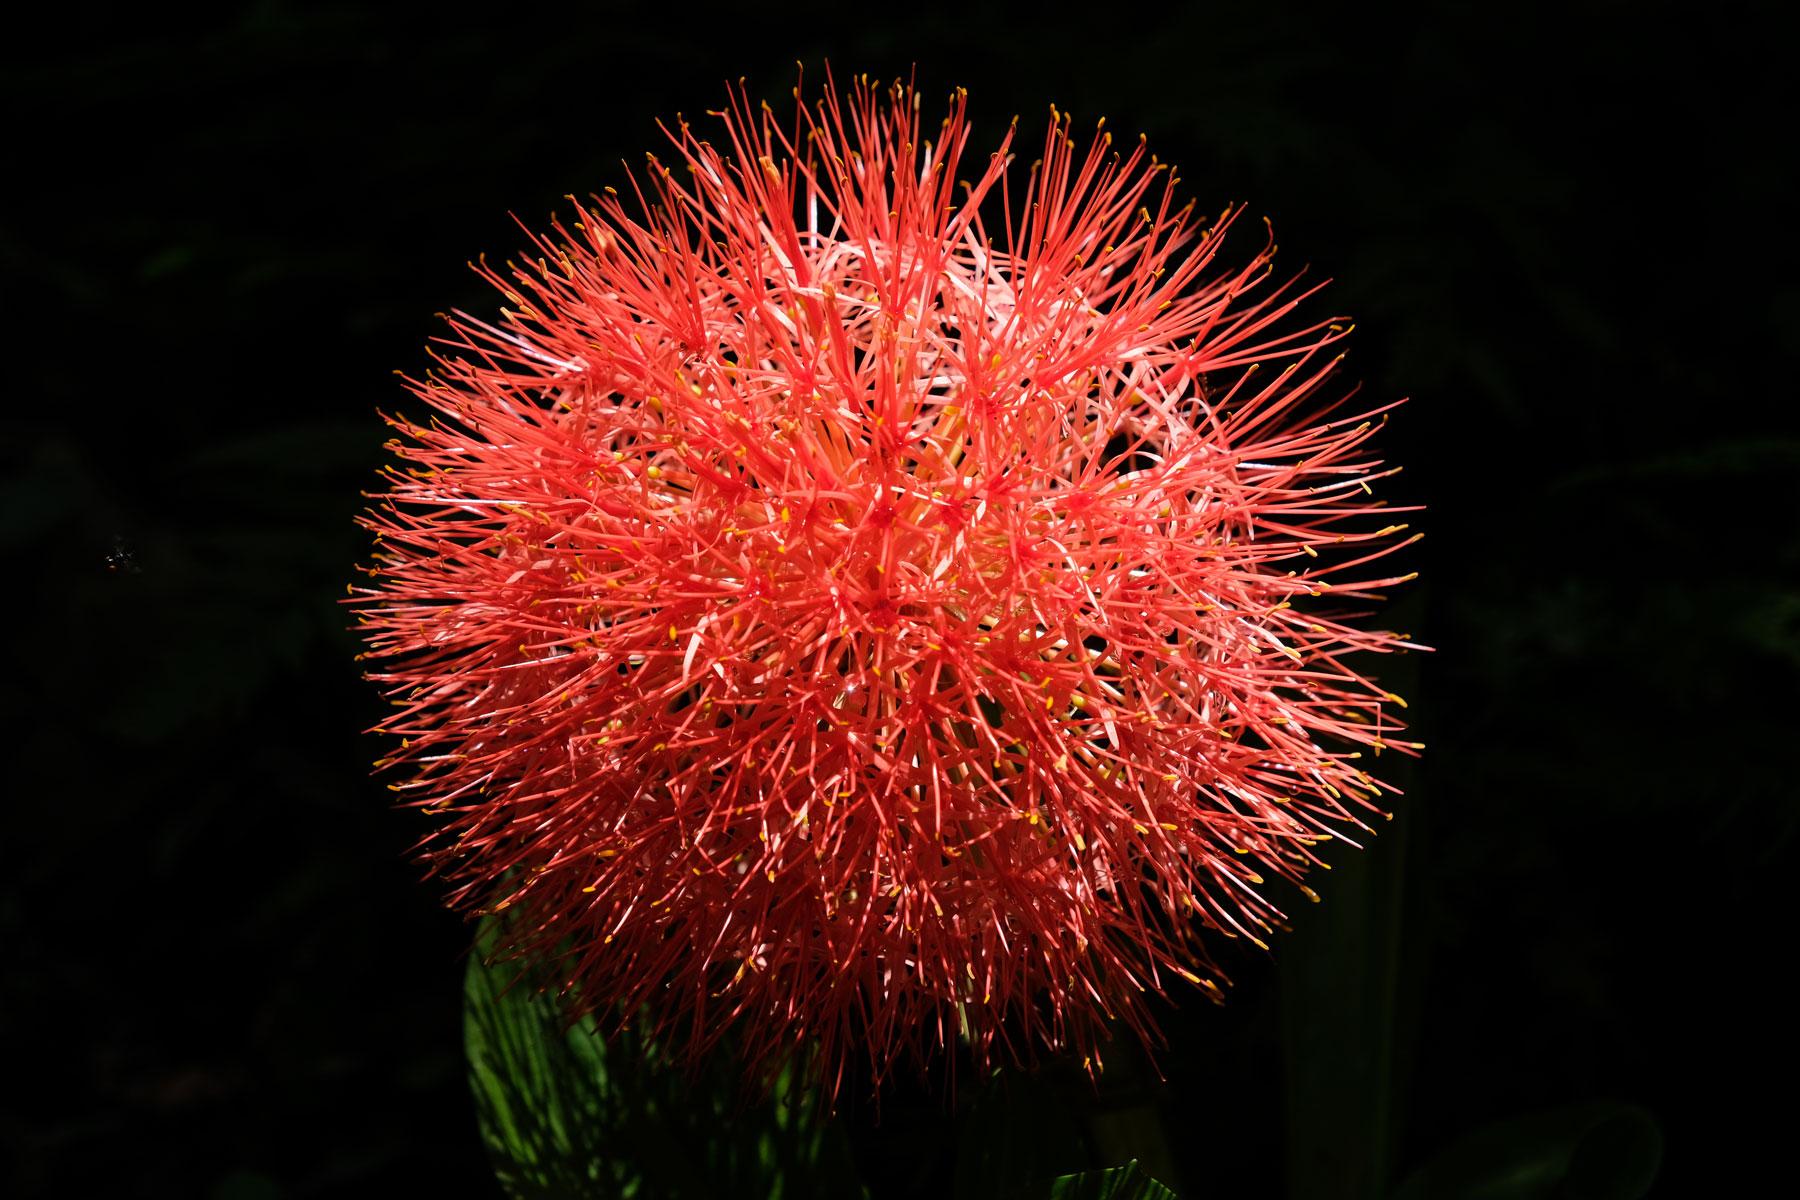 Eine rote, stachelige Blume.